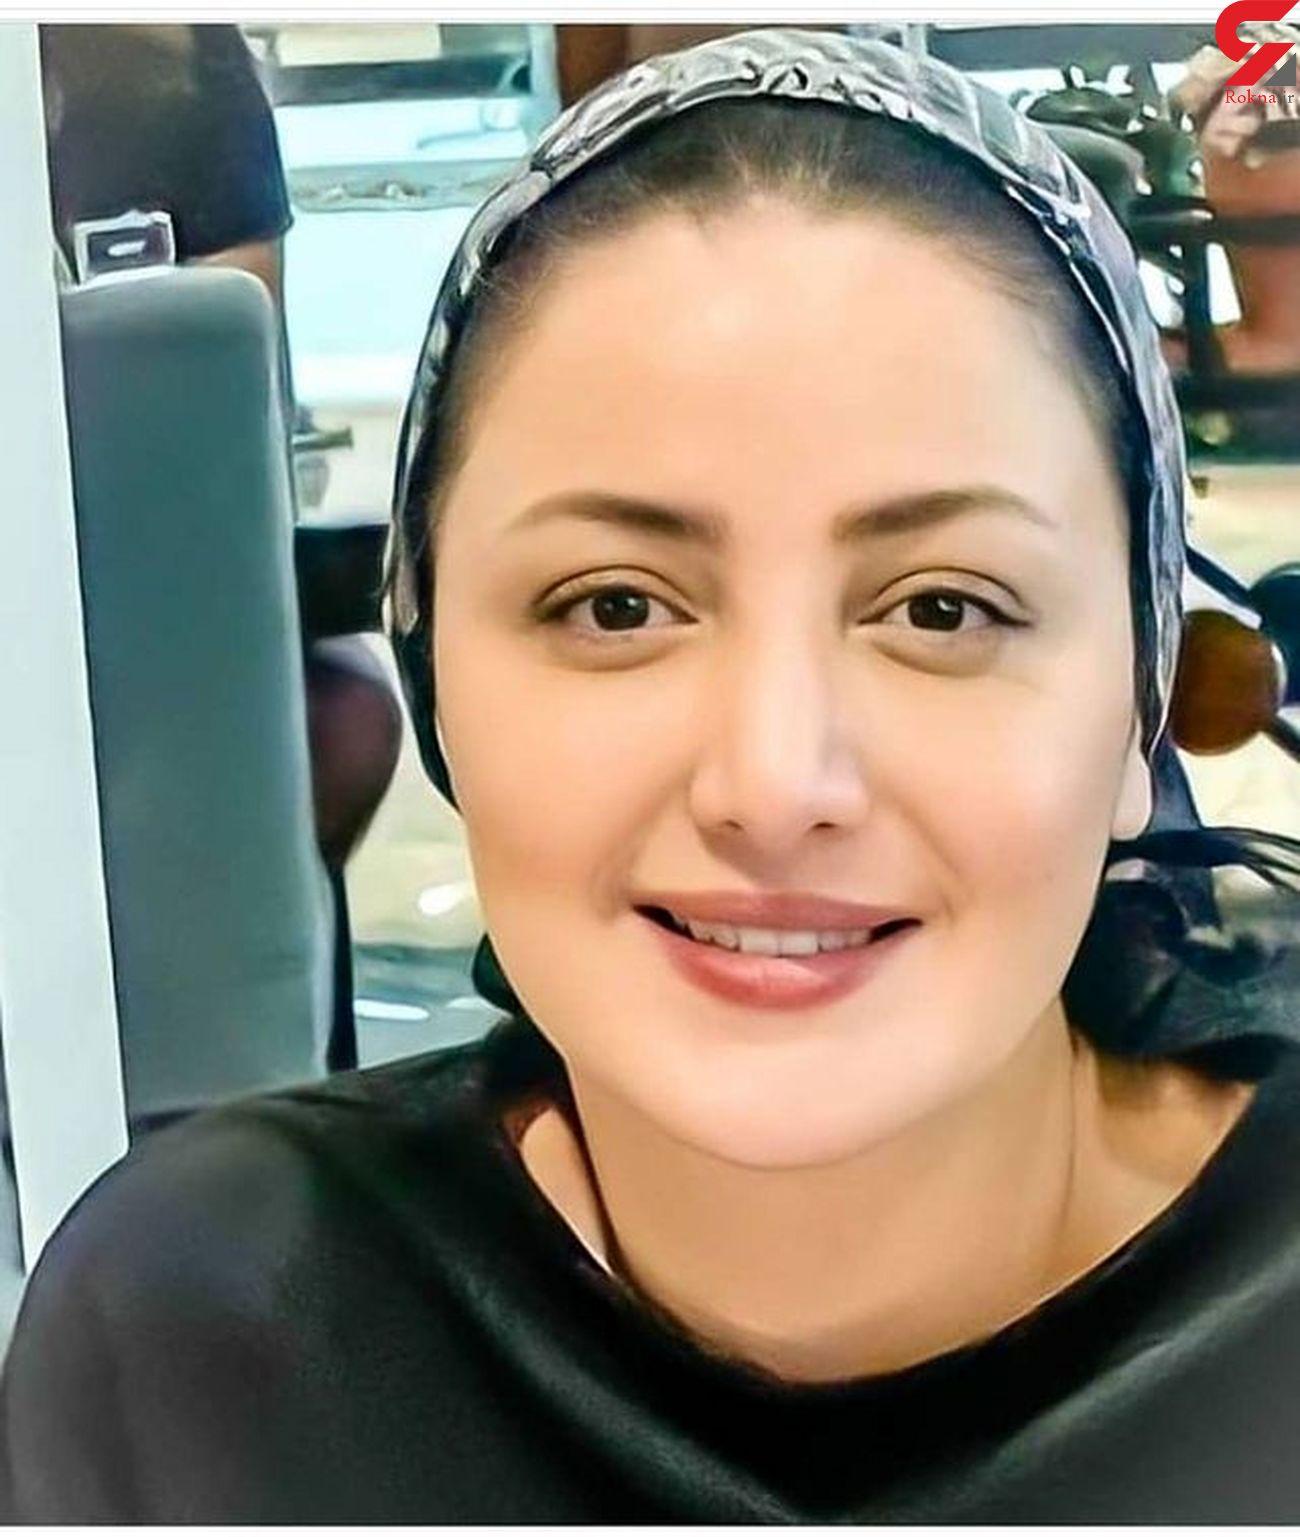 شیلا خداداد بدون آرایش چقدر فرق می کند؟! + عکس